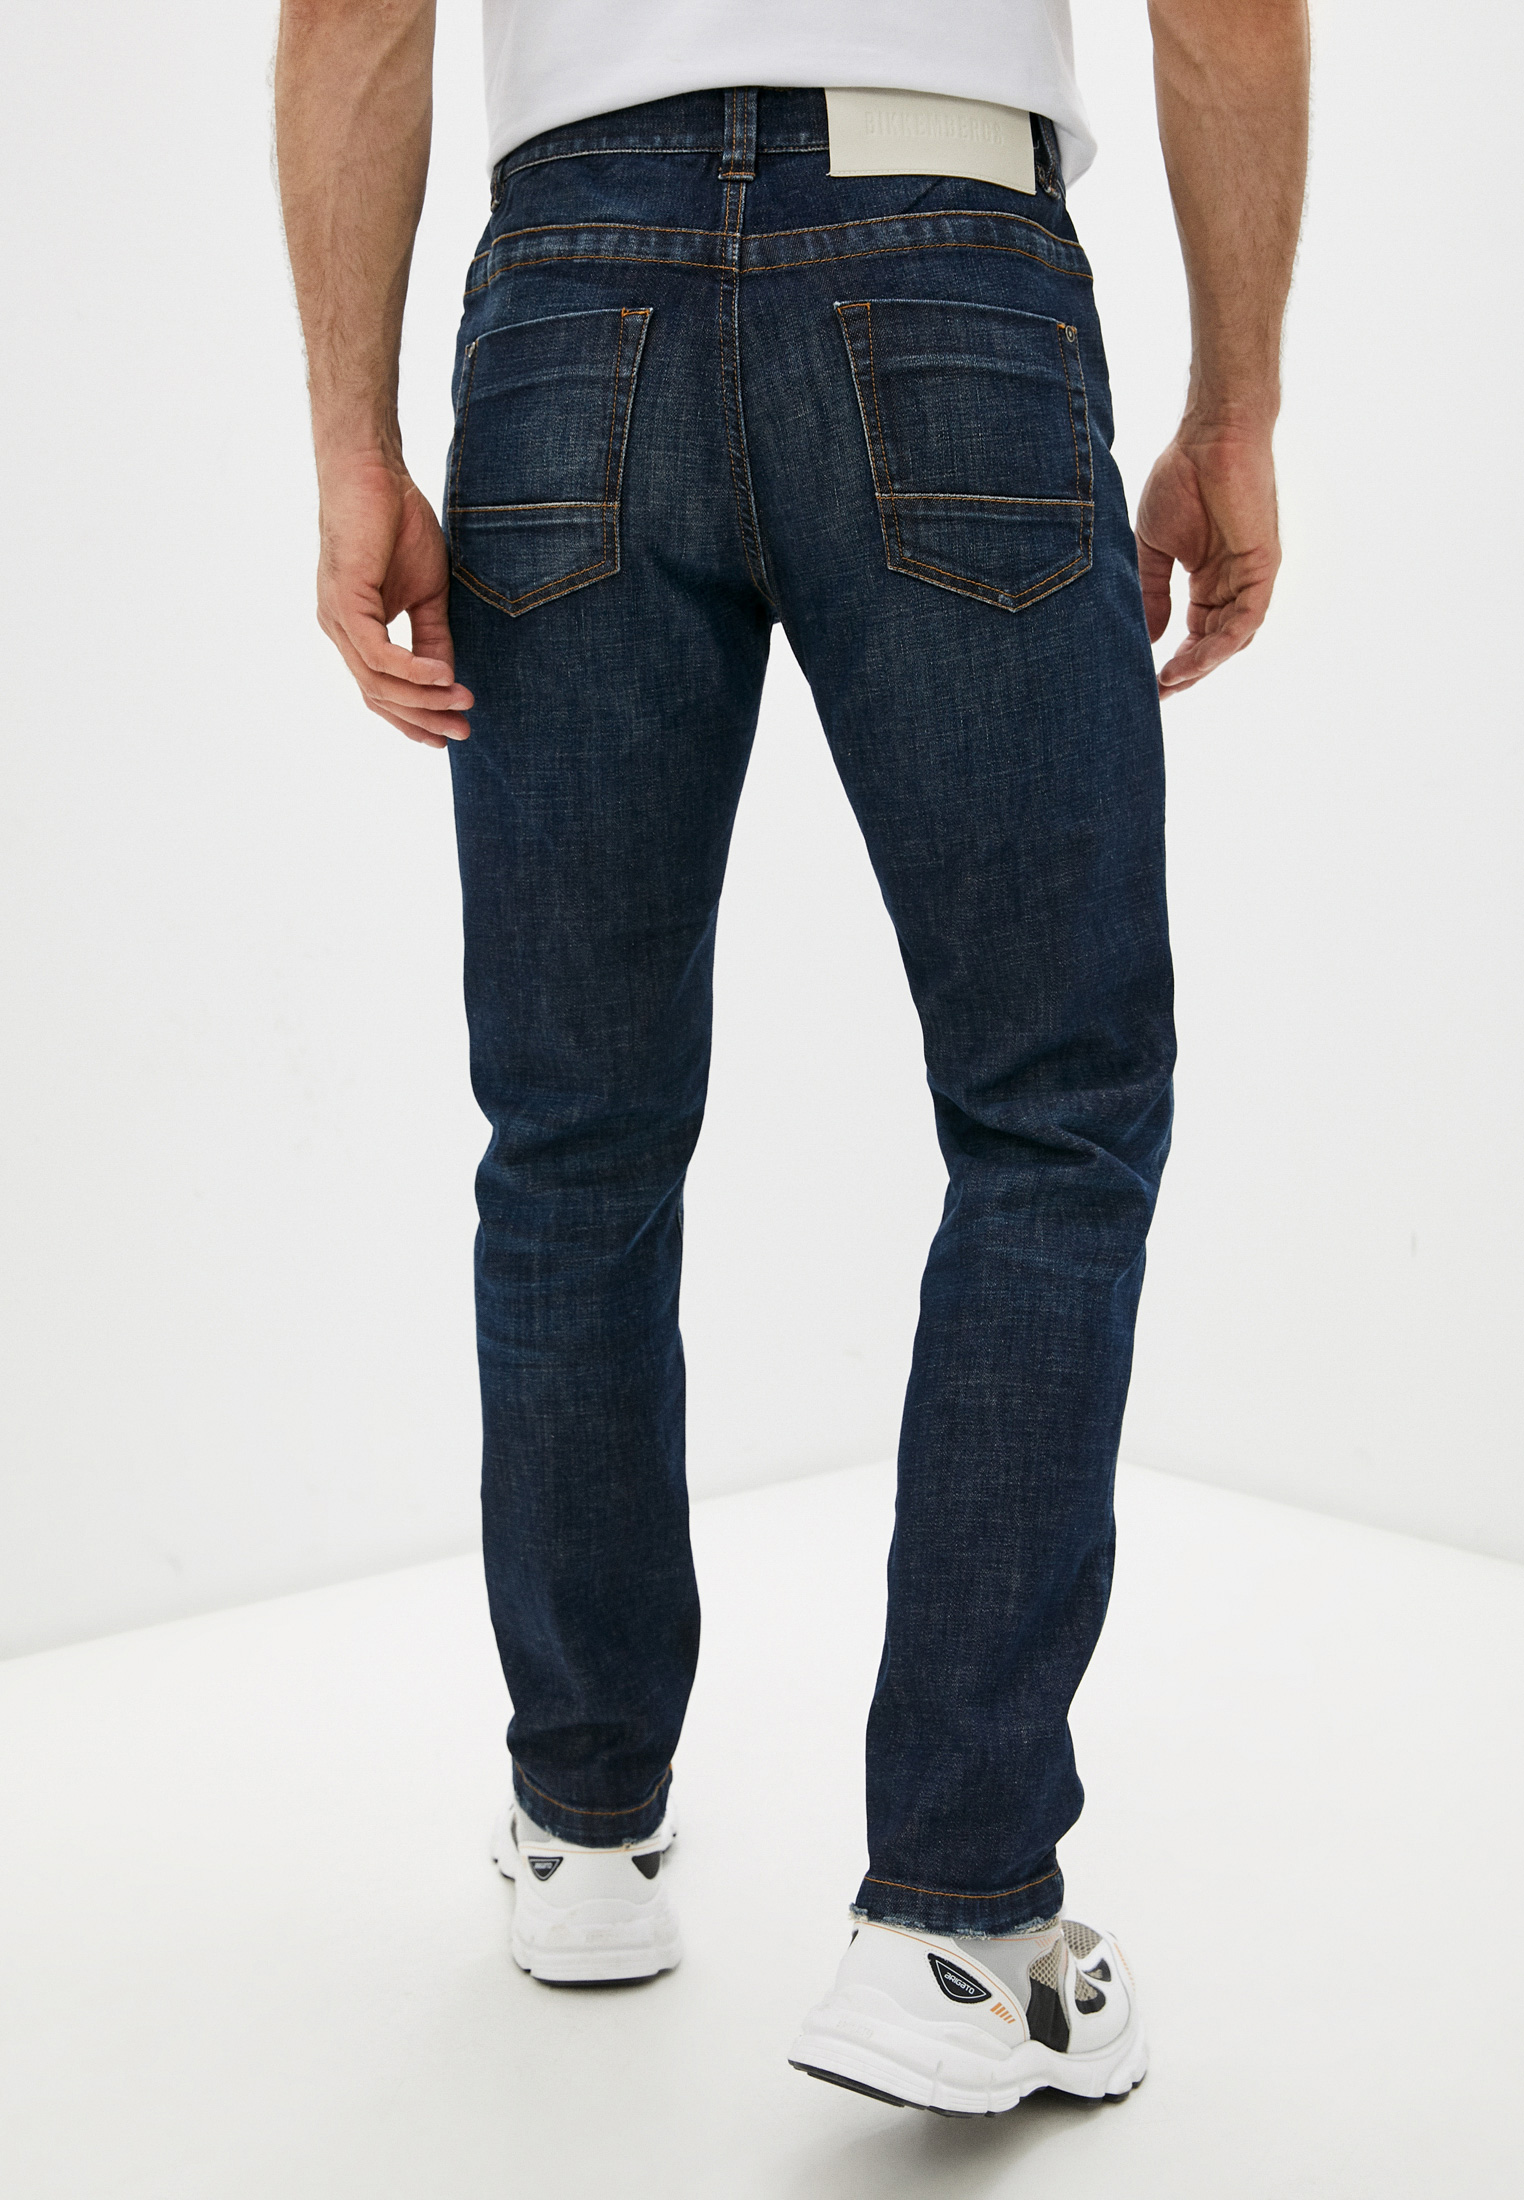 Мужские прямые джинсы Bikkembergs (Биккембергс) C Q 102 03 S 3393: изображение 4